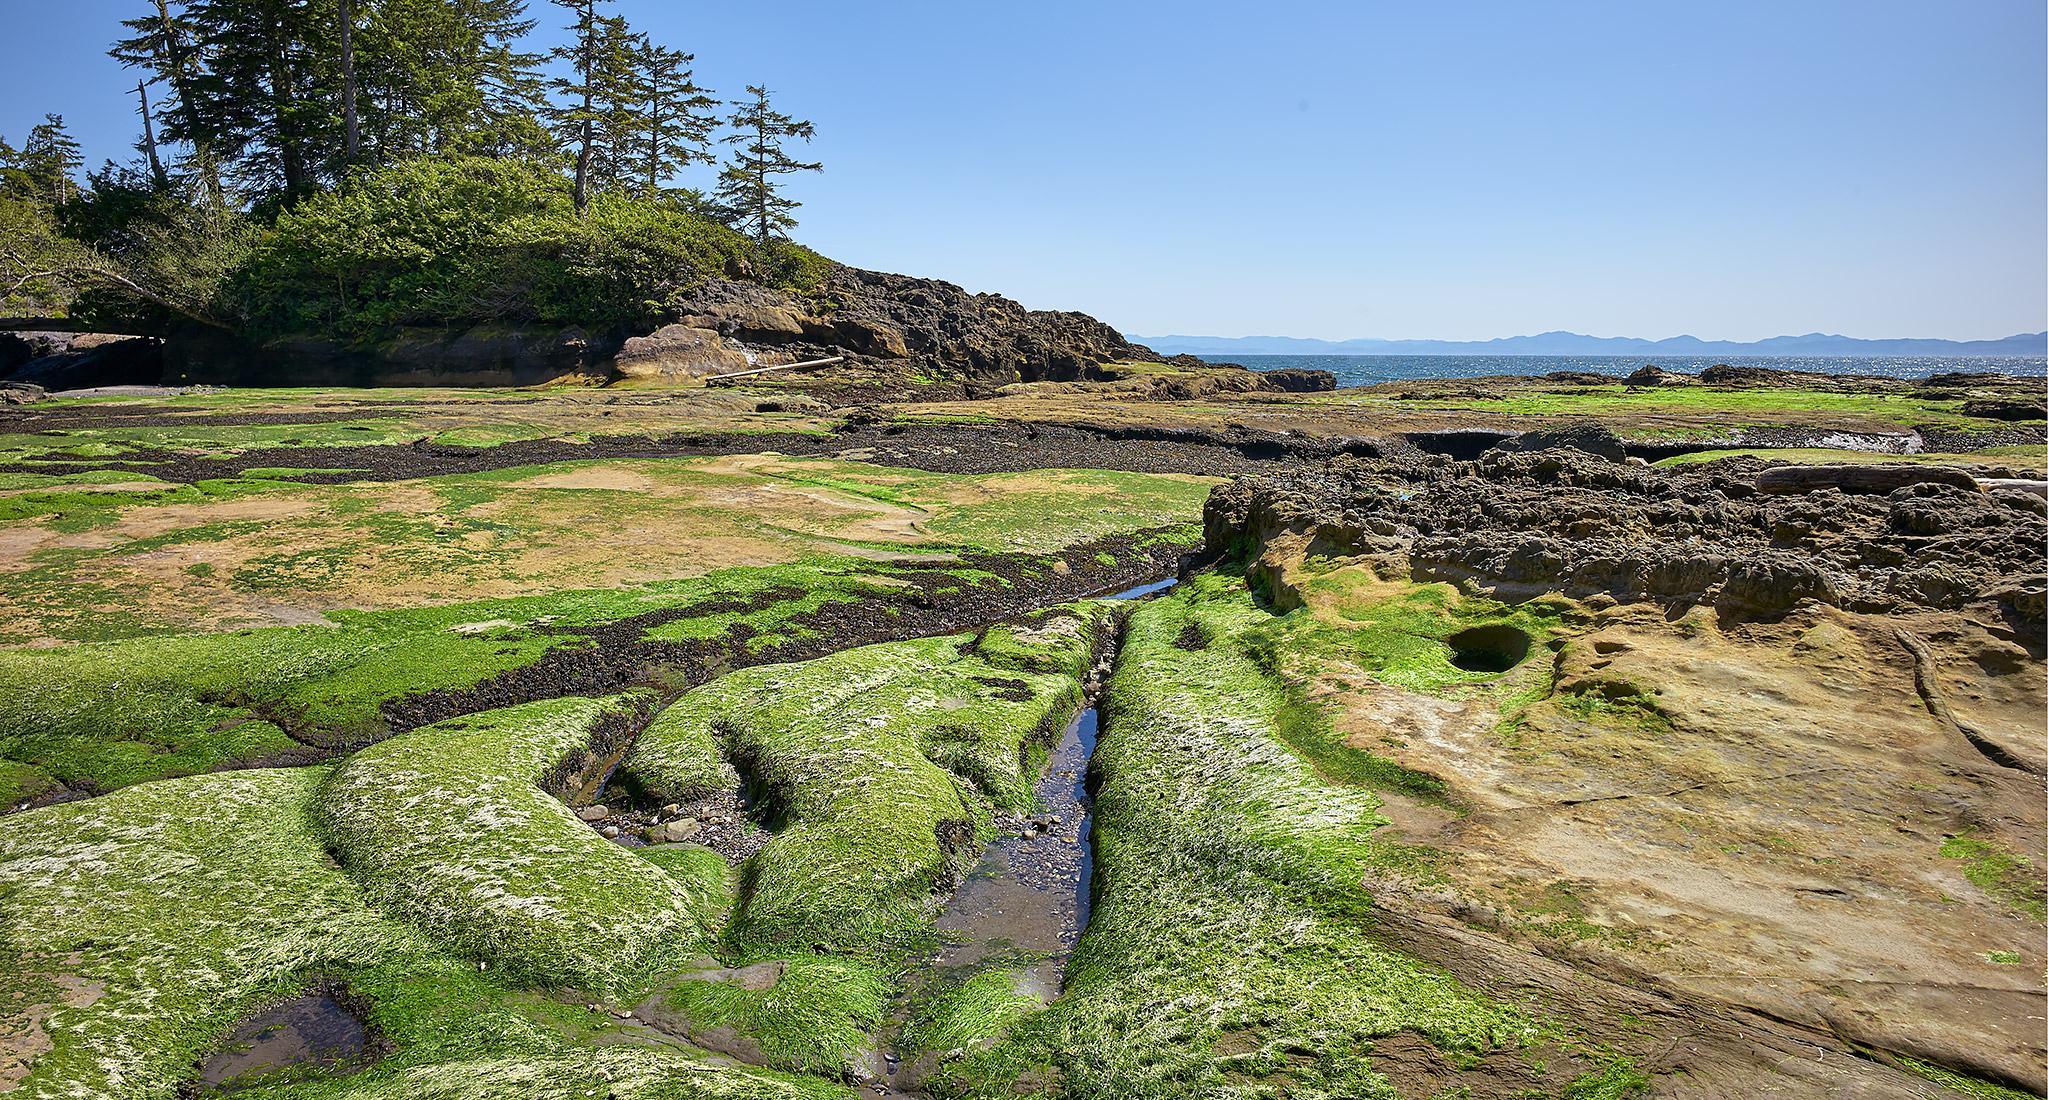 West Coast Vancouver Island © johncameron.ca